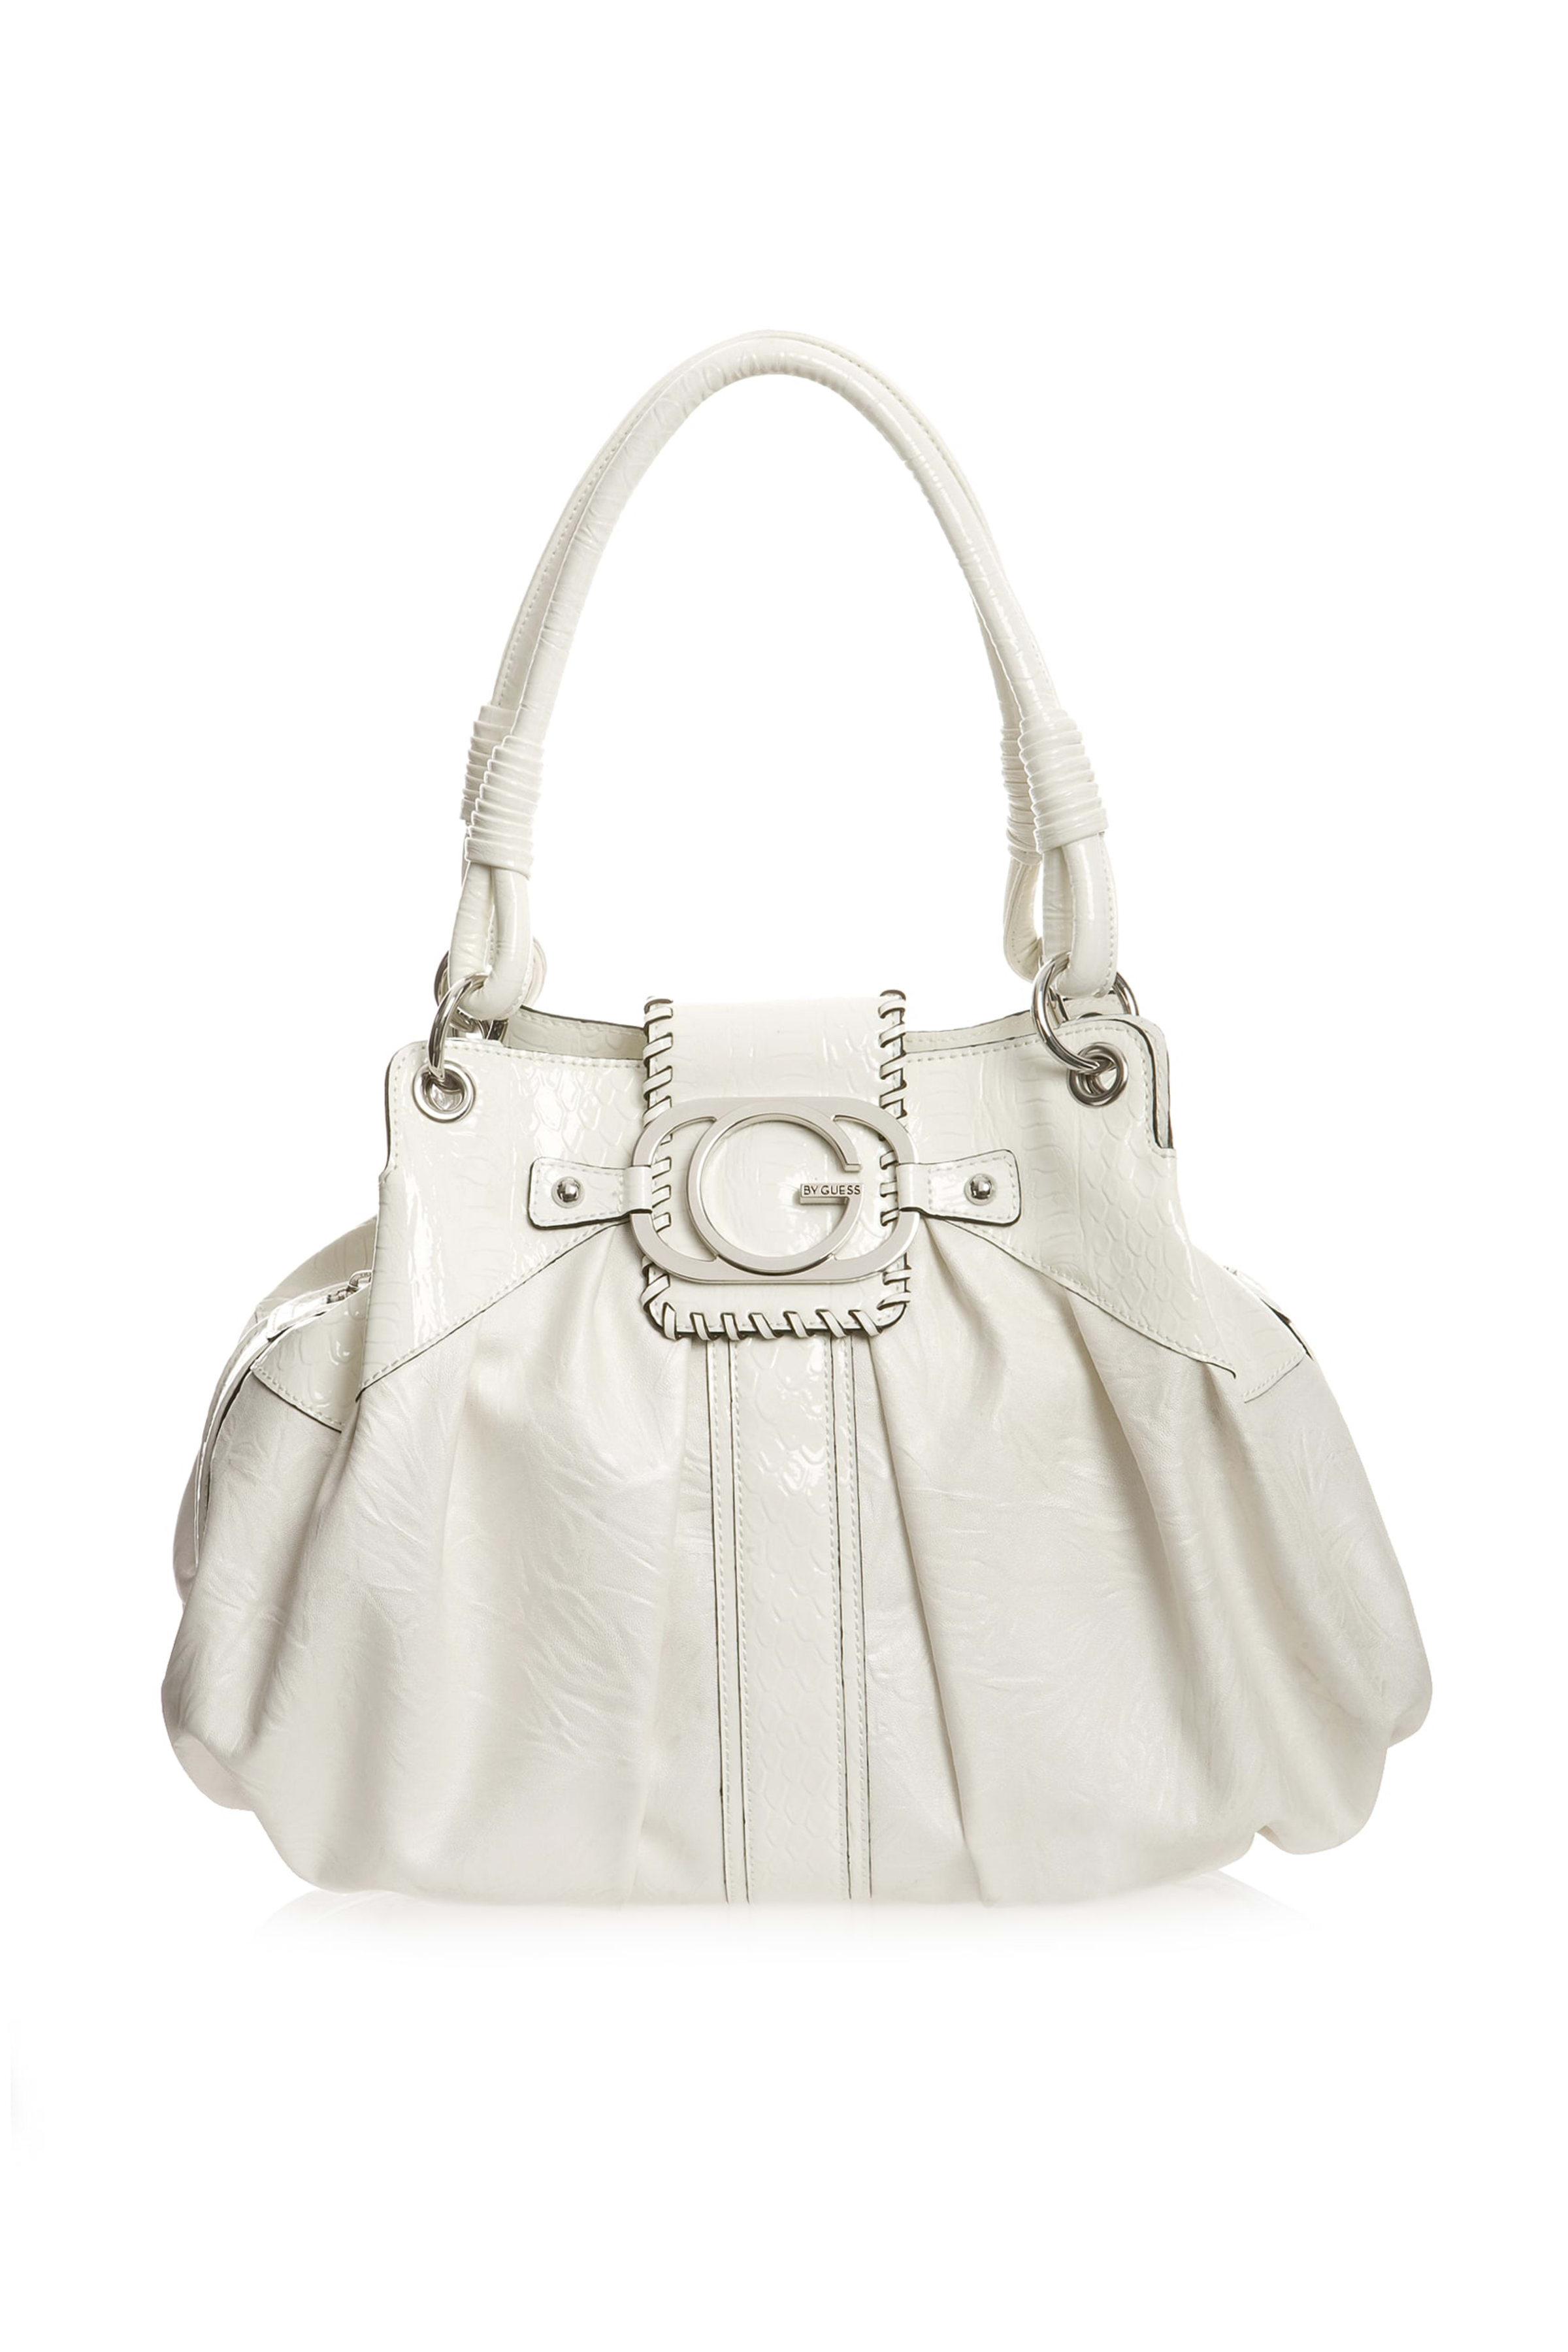 luxusní móda nejlepší volba vysoce kvalitní materiály guess